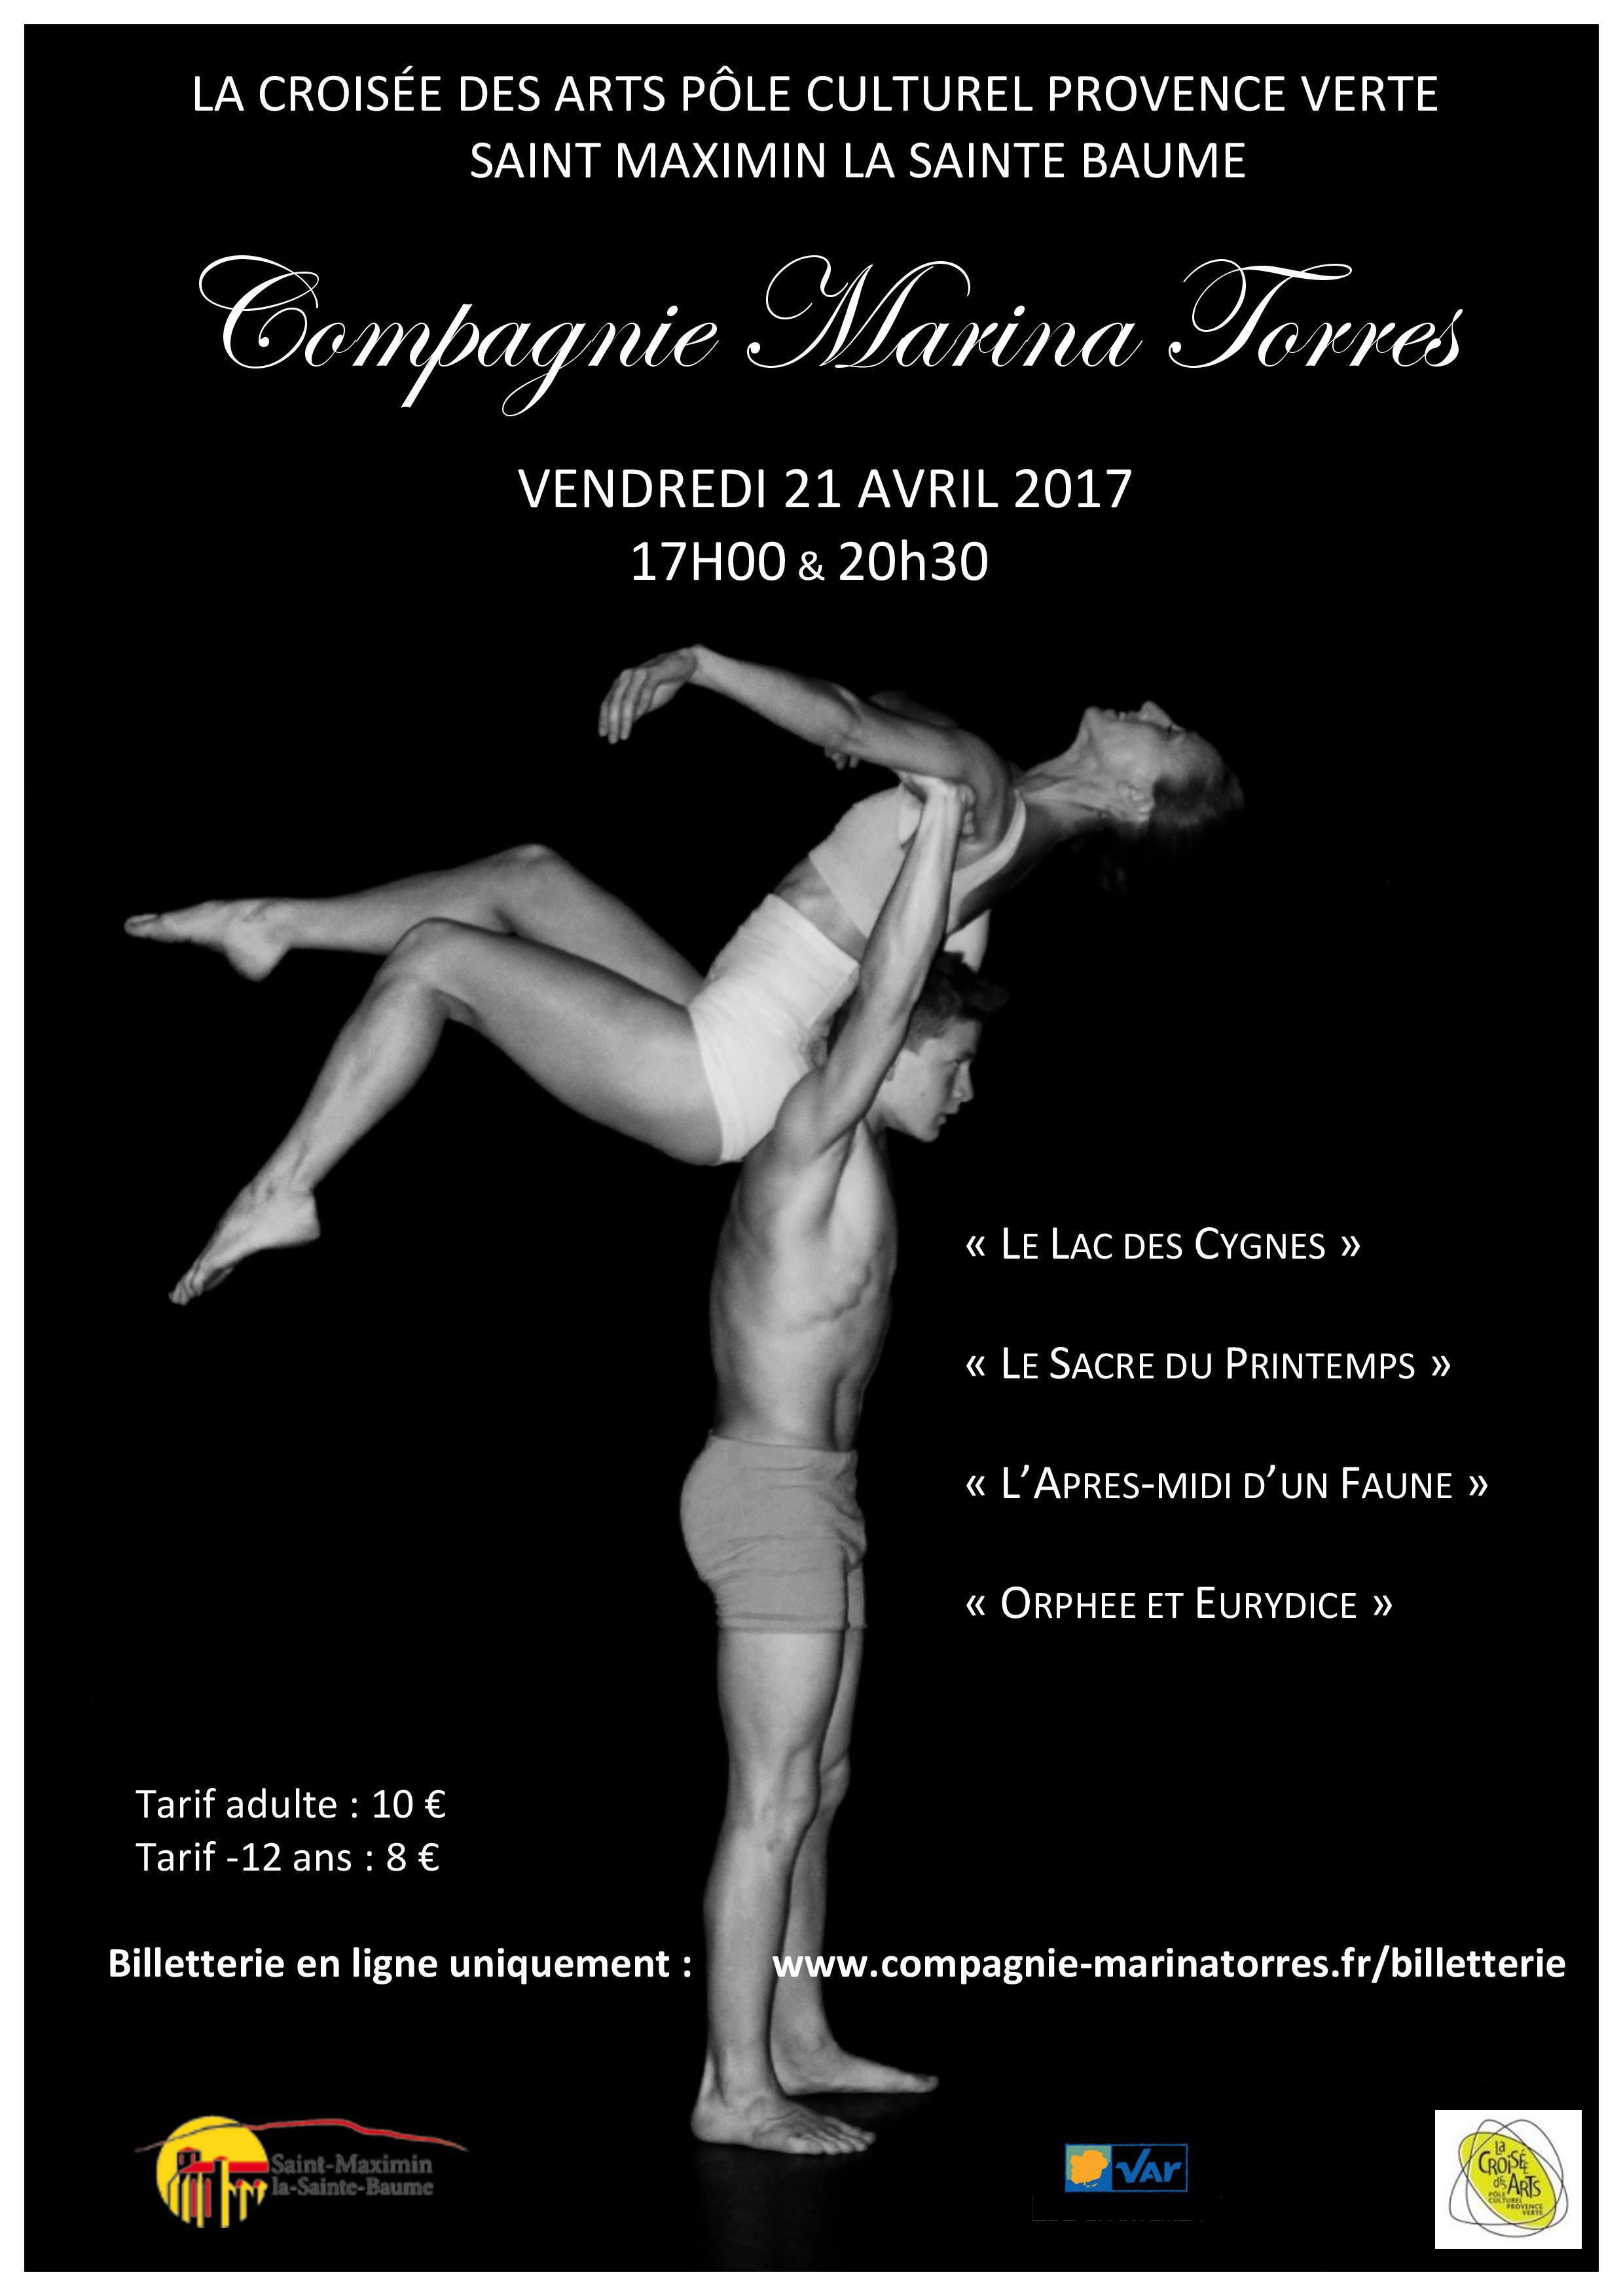 Conférences Rencontres  St Maximin La Ste Baume et environs